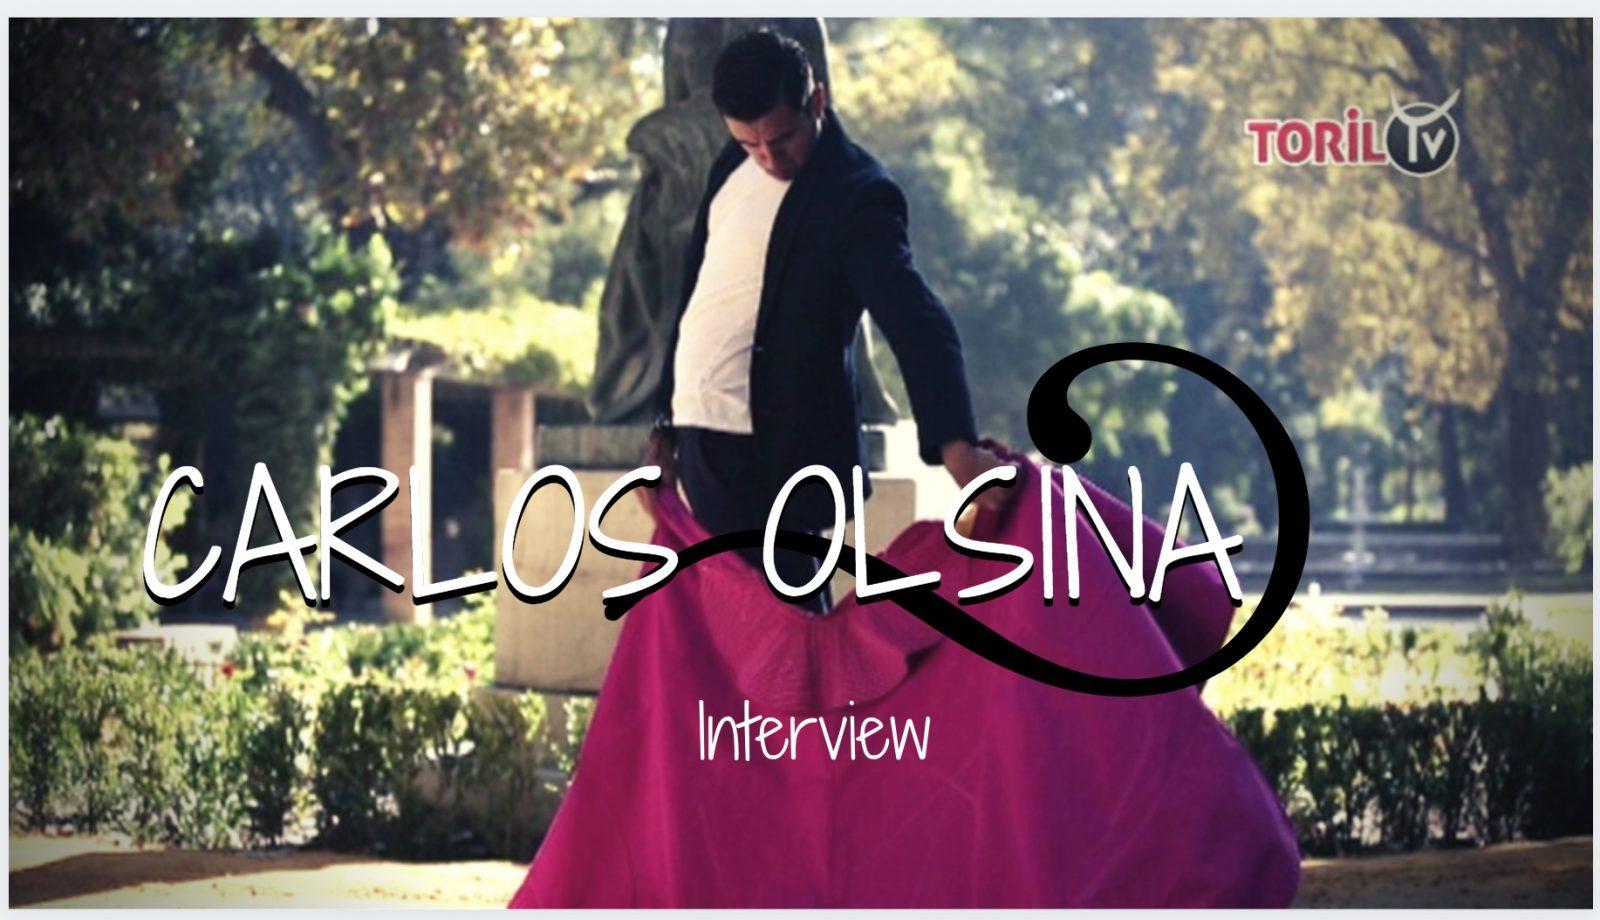 """INTERVIEW // Rencontre avec le novillero CARLOS OLSINA : """"l'objectif est de triompher dans les arènes d'importance, de première catégorie, pour penser plus tard à l'alternative, en 2021 par exemple…"""""""